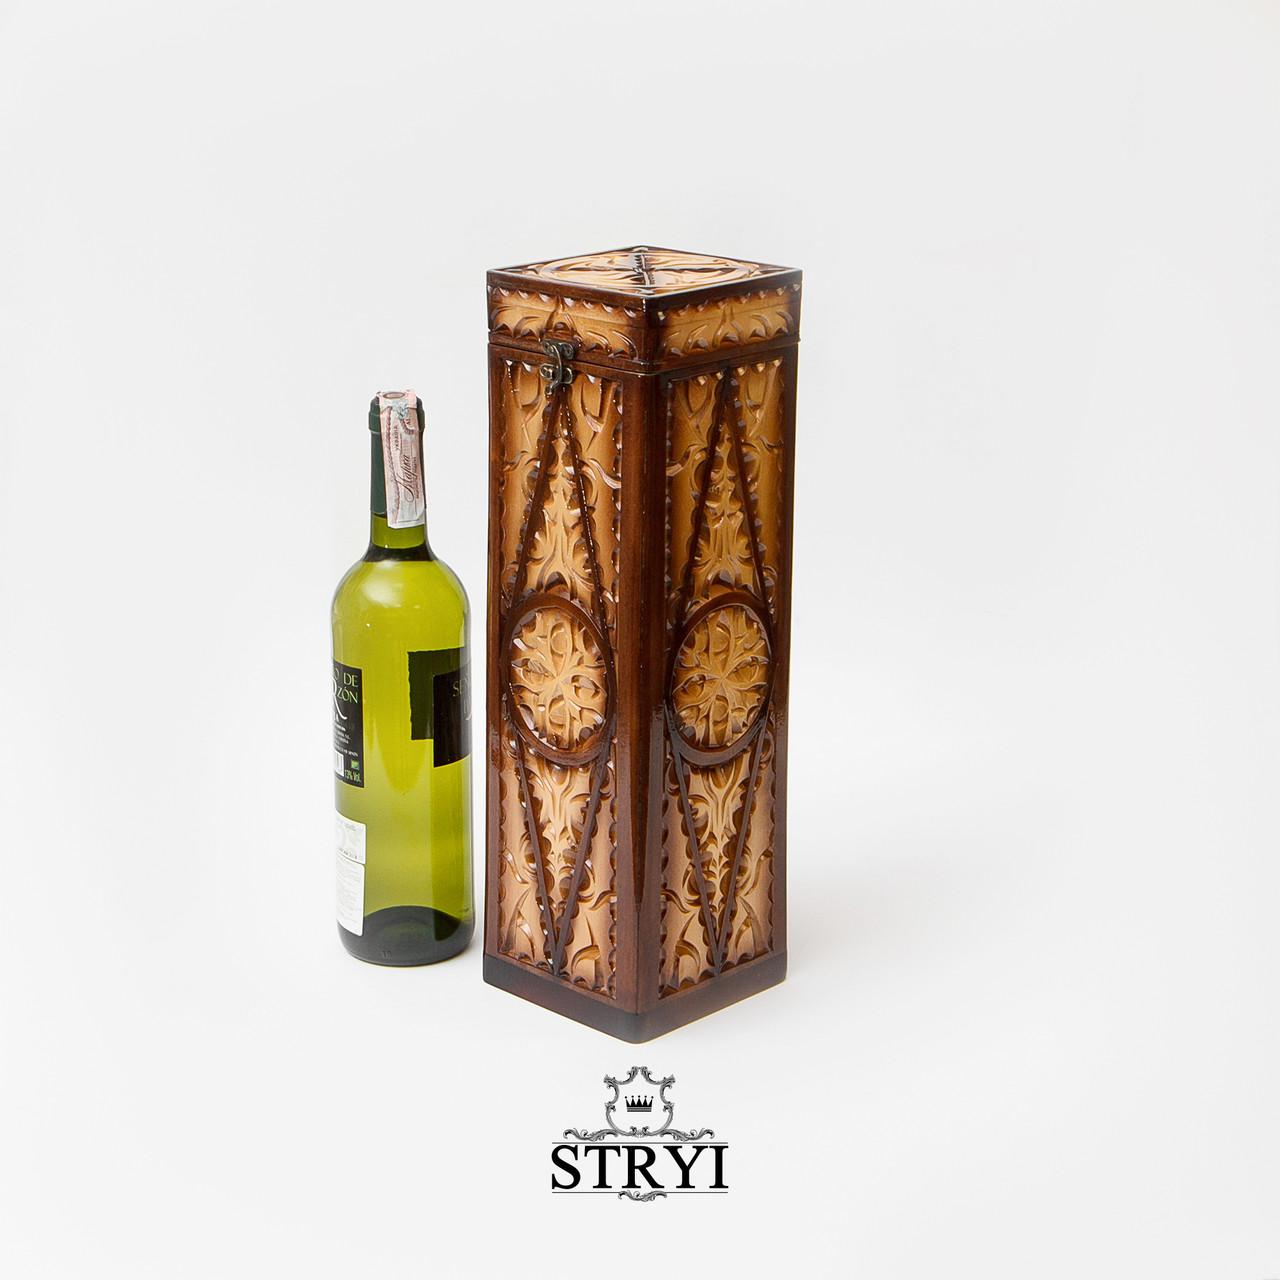 Скринька під вино вертикальна ручної роботи